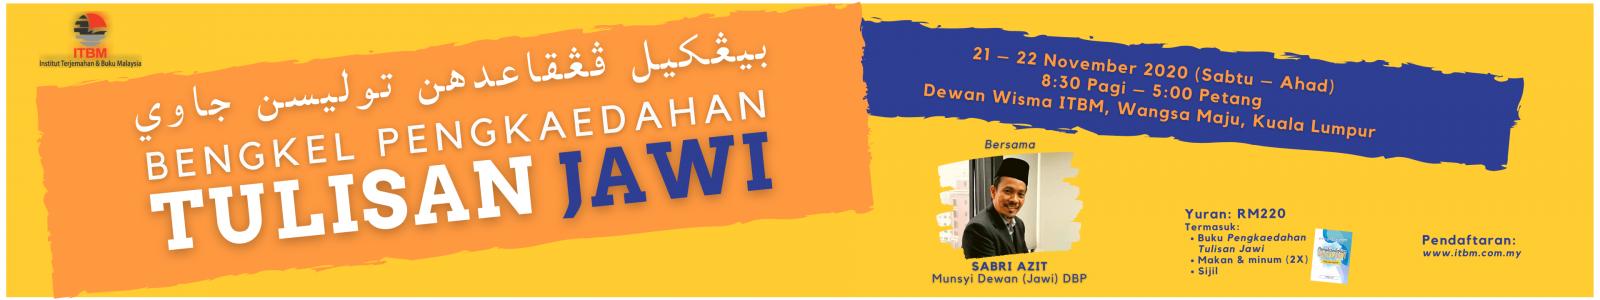 Bengkel Pengkaedahan Tulisan Jawi | 21 - 22 November 2020